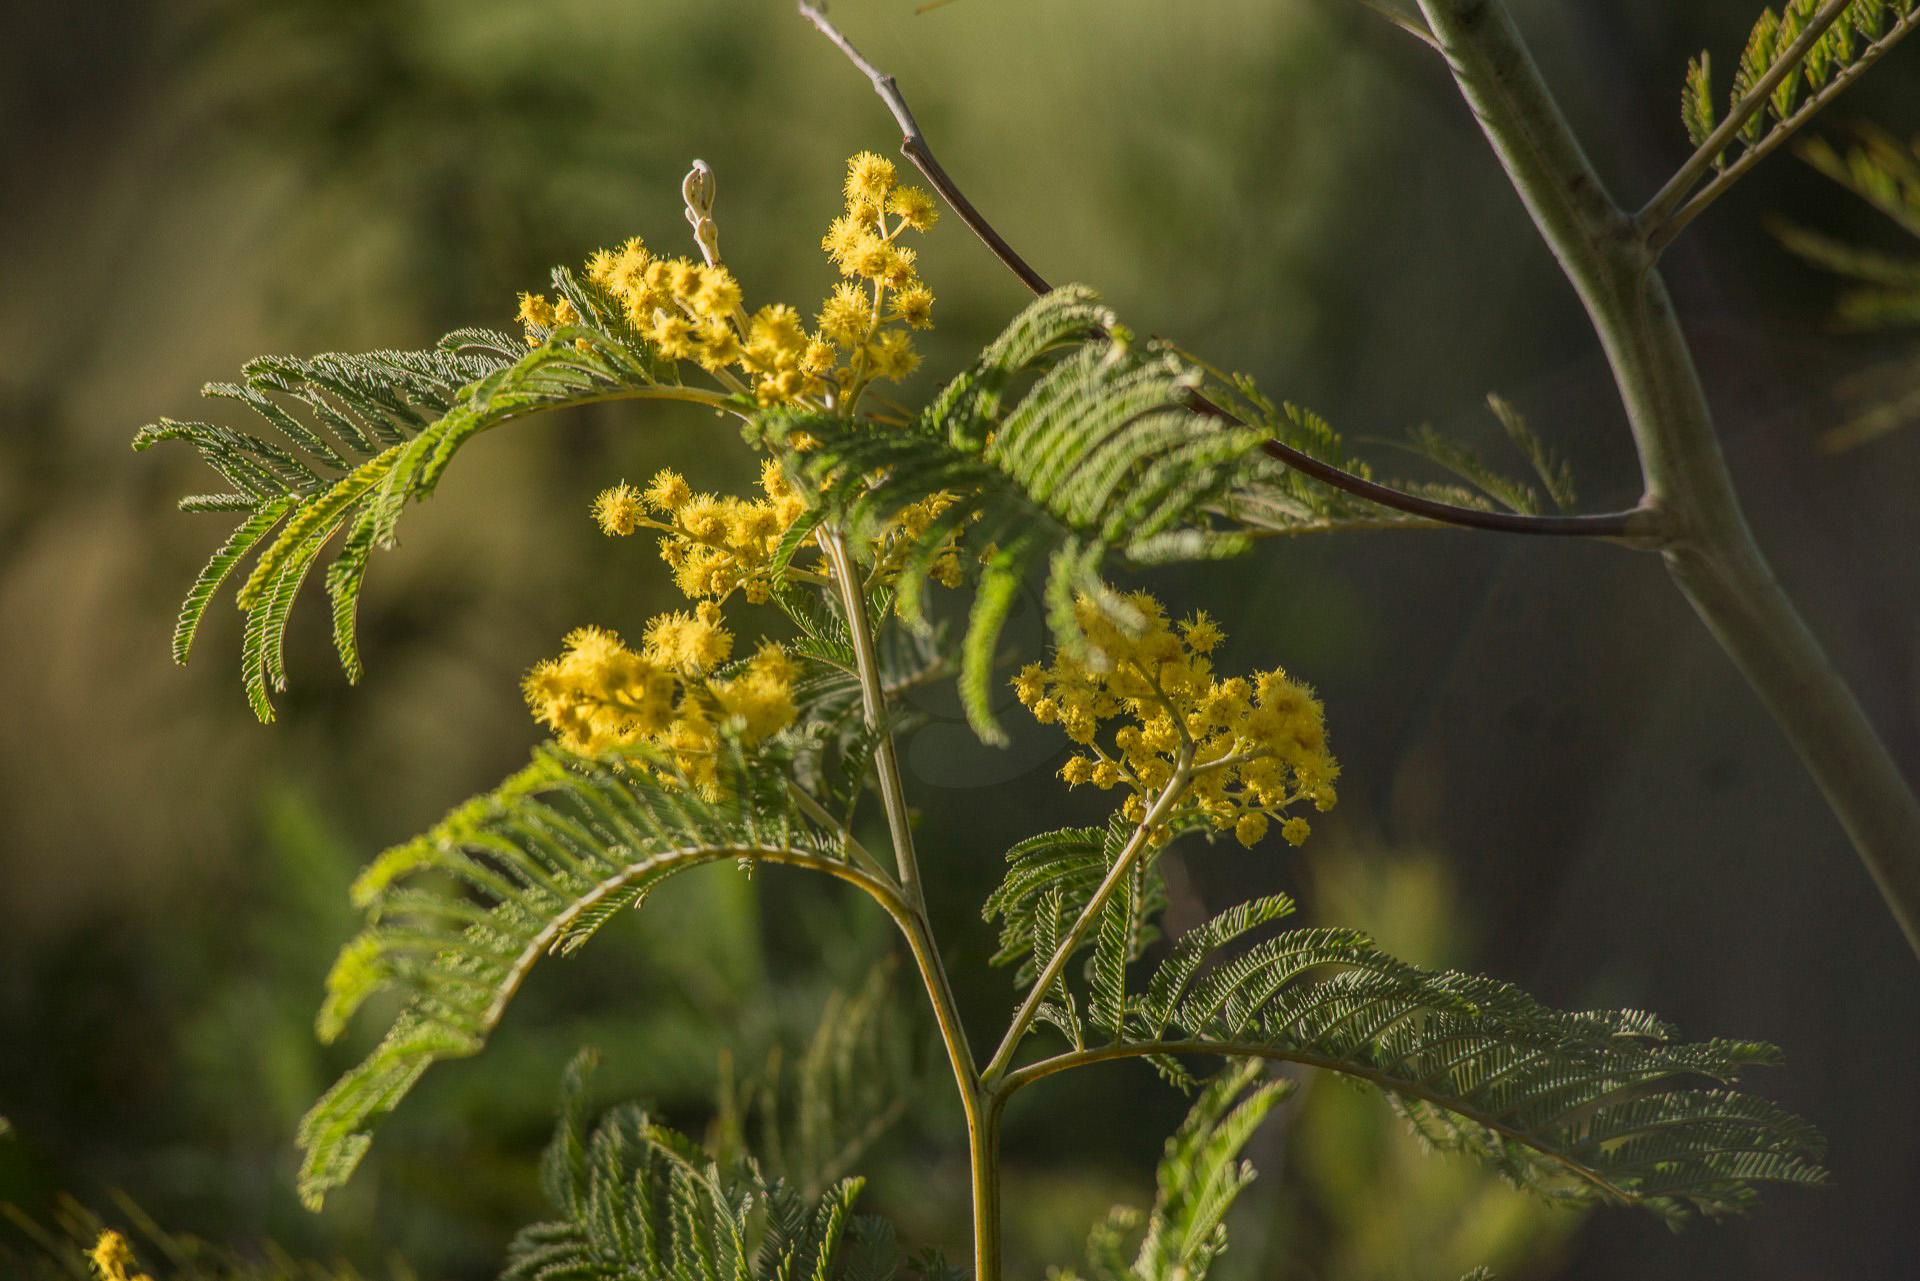 161-le-mimosa-dans-lesterel-fev-2017-1920-px